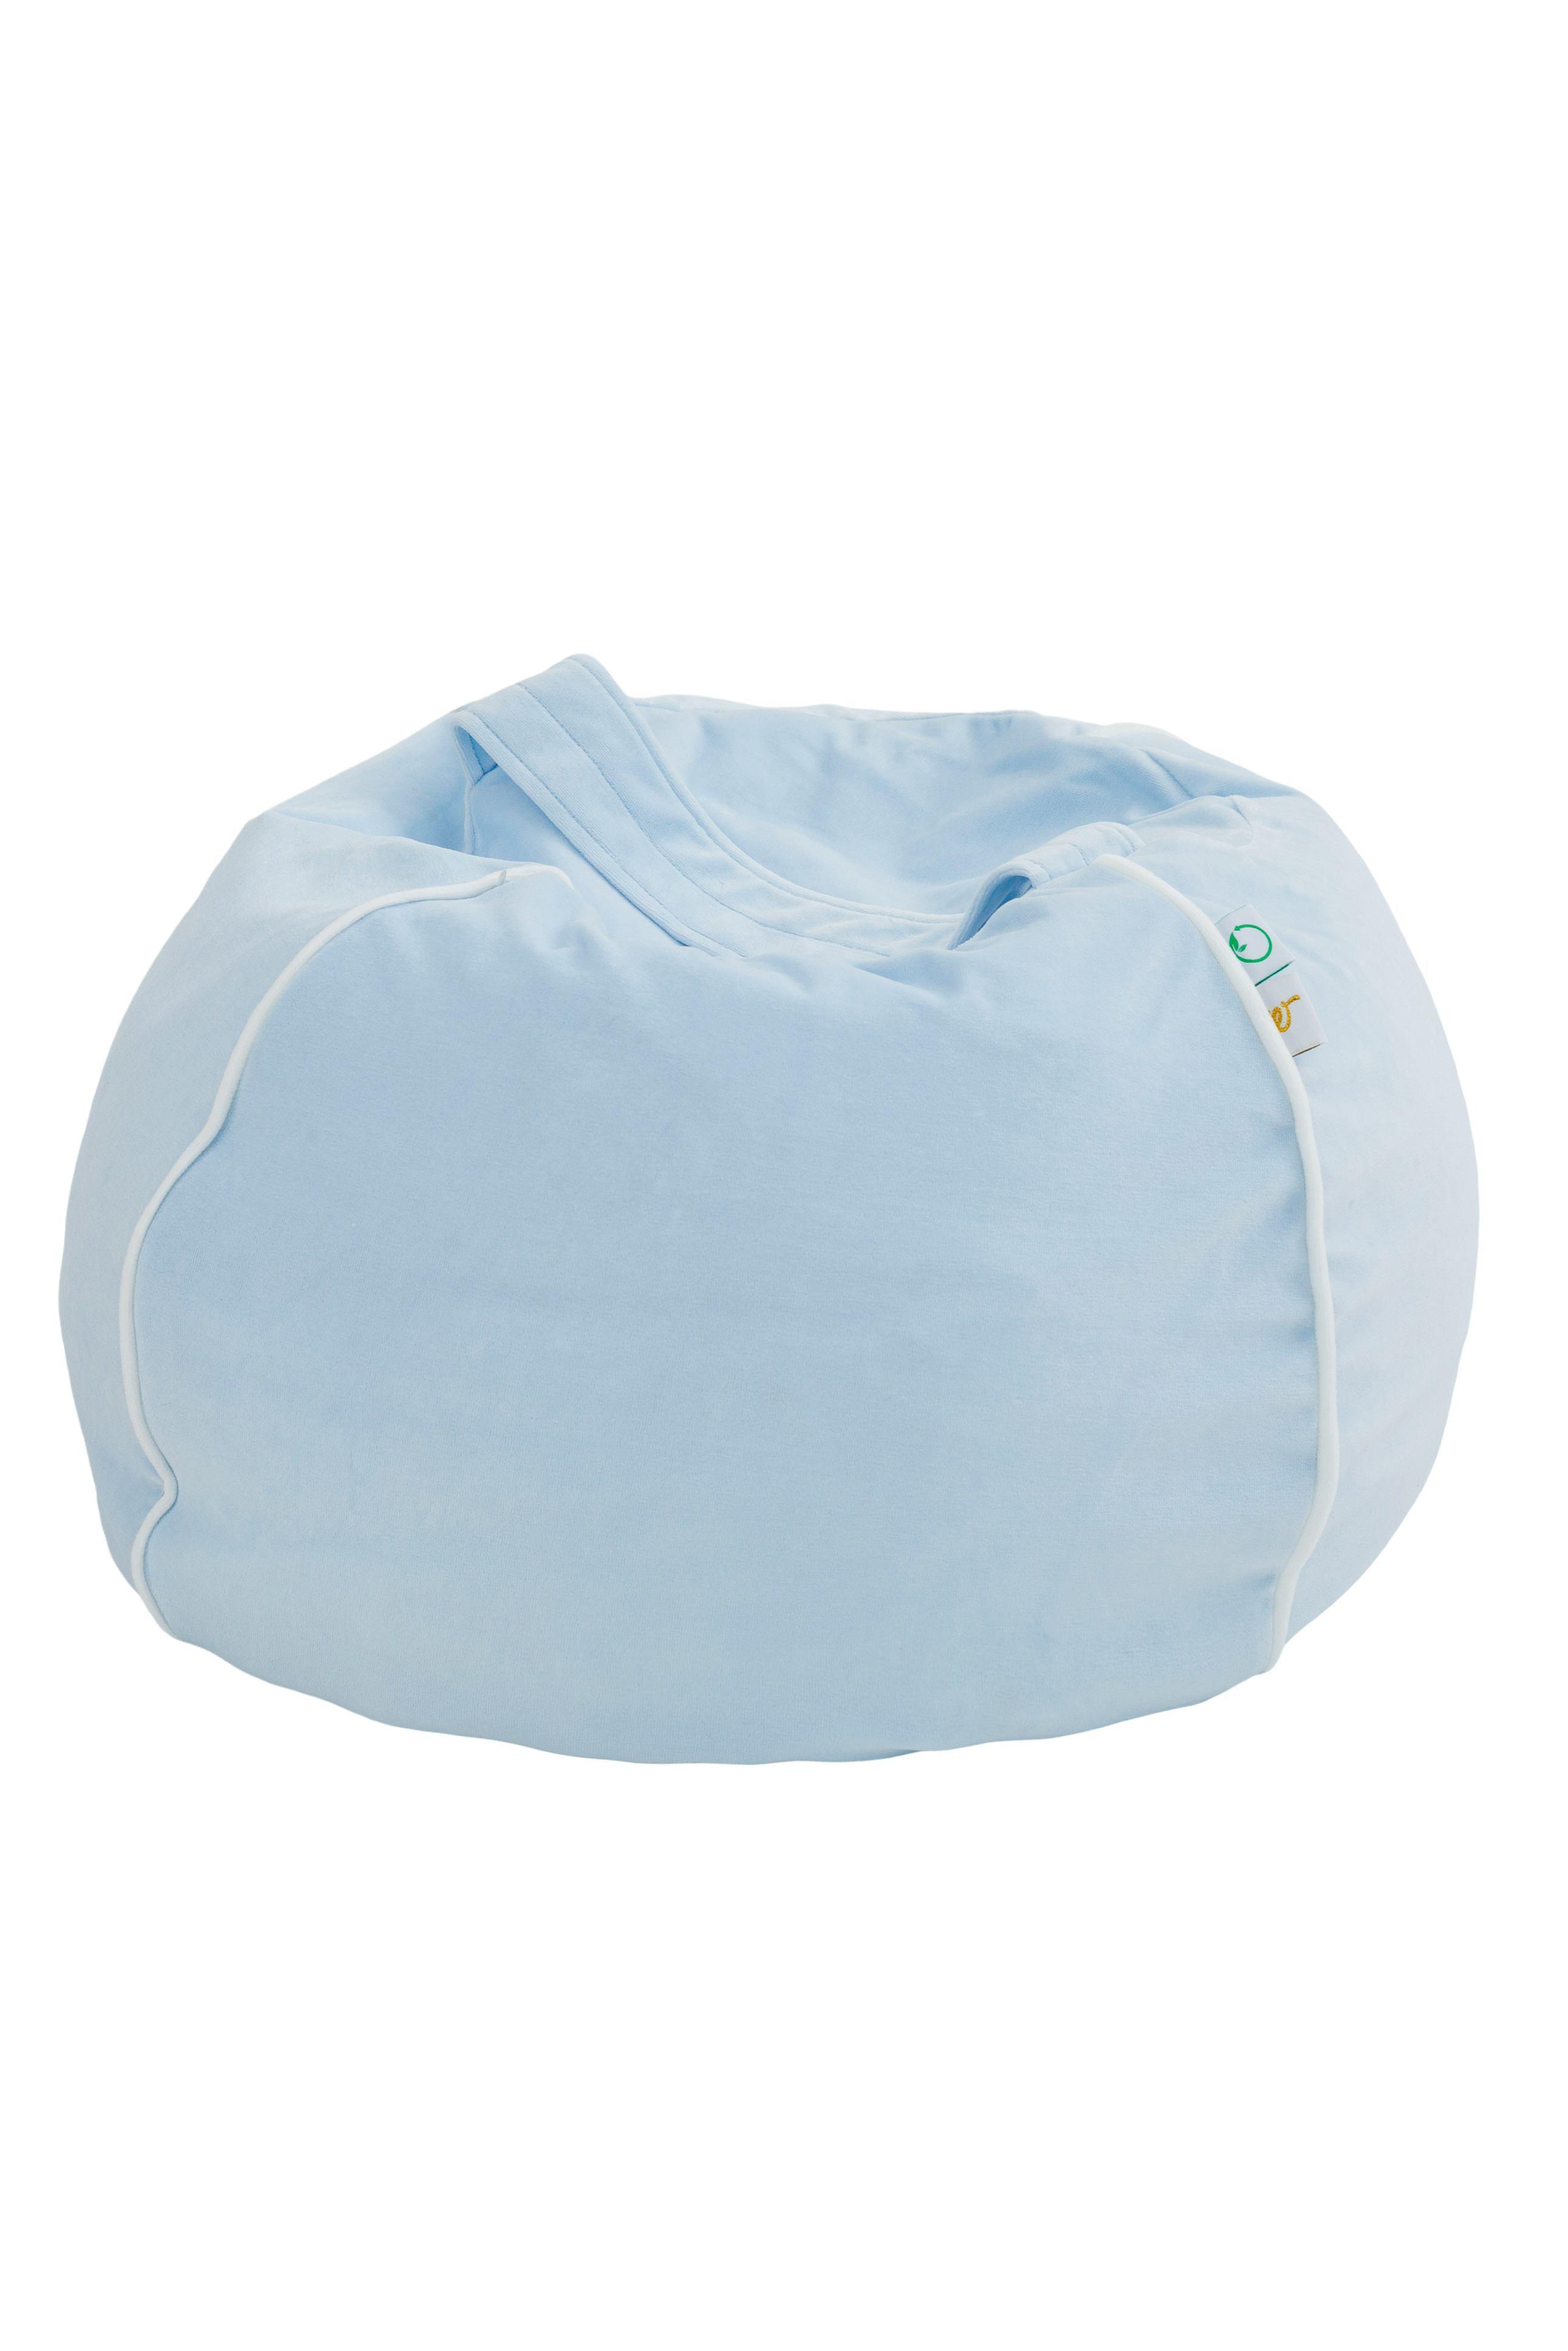 Samt Sitzsack Bubble hellblau 70x35 cm